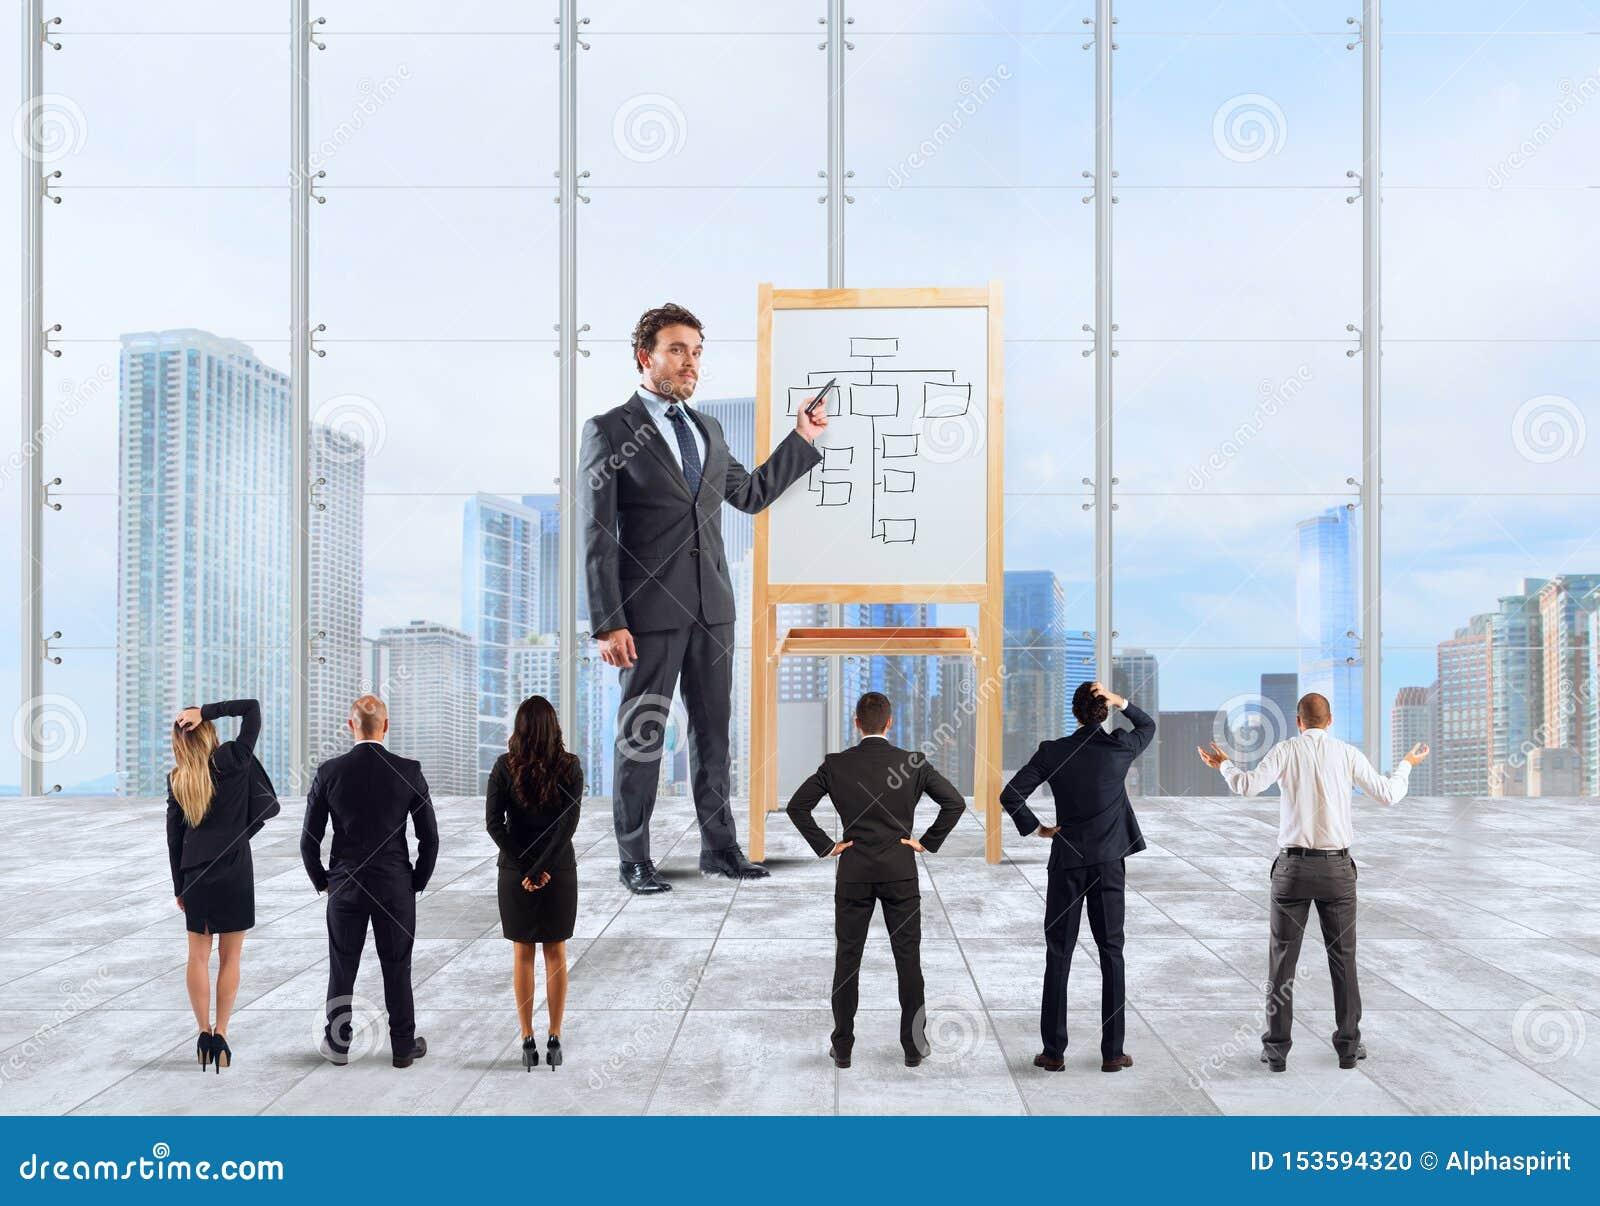 Ο επιχειρηματίας ως ηγέτης και ο προϊστάμενος εξηγούν τη επιχειρησιακή στρατηγική